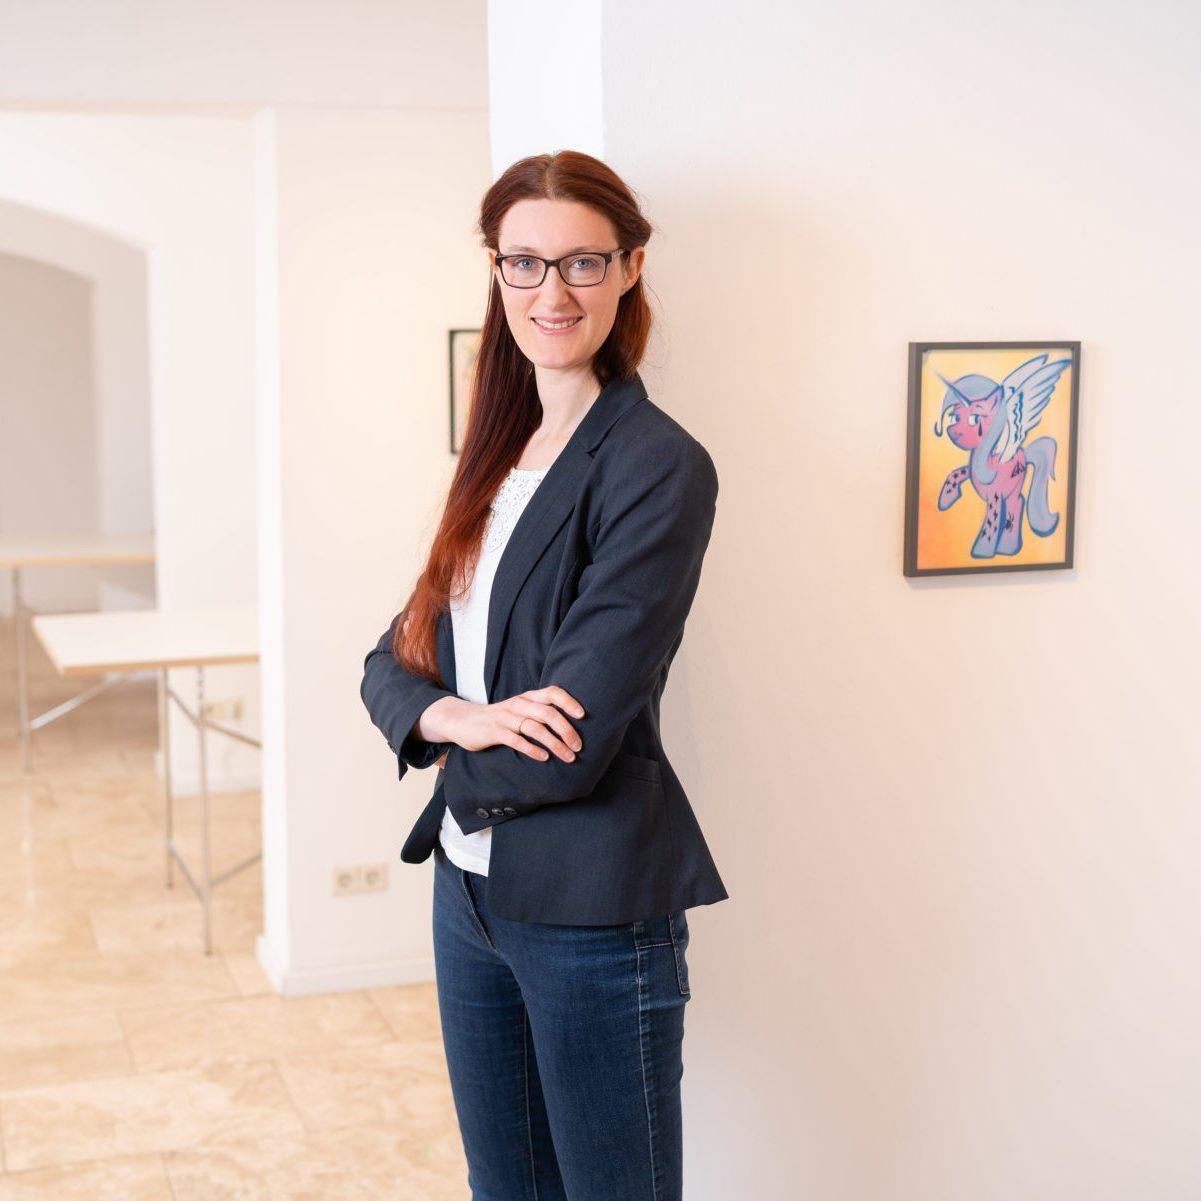 Rechtsanwältin Janina Albrecht Markenrecht Datenschutz Onlinerecht